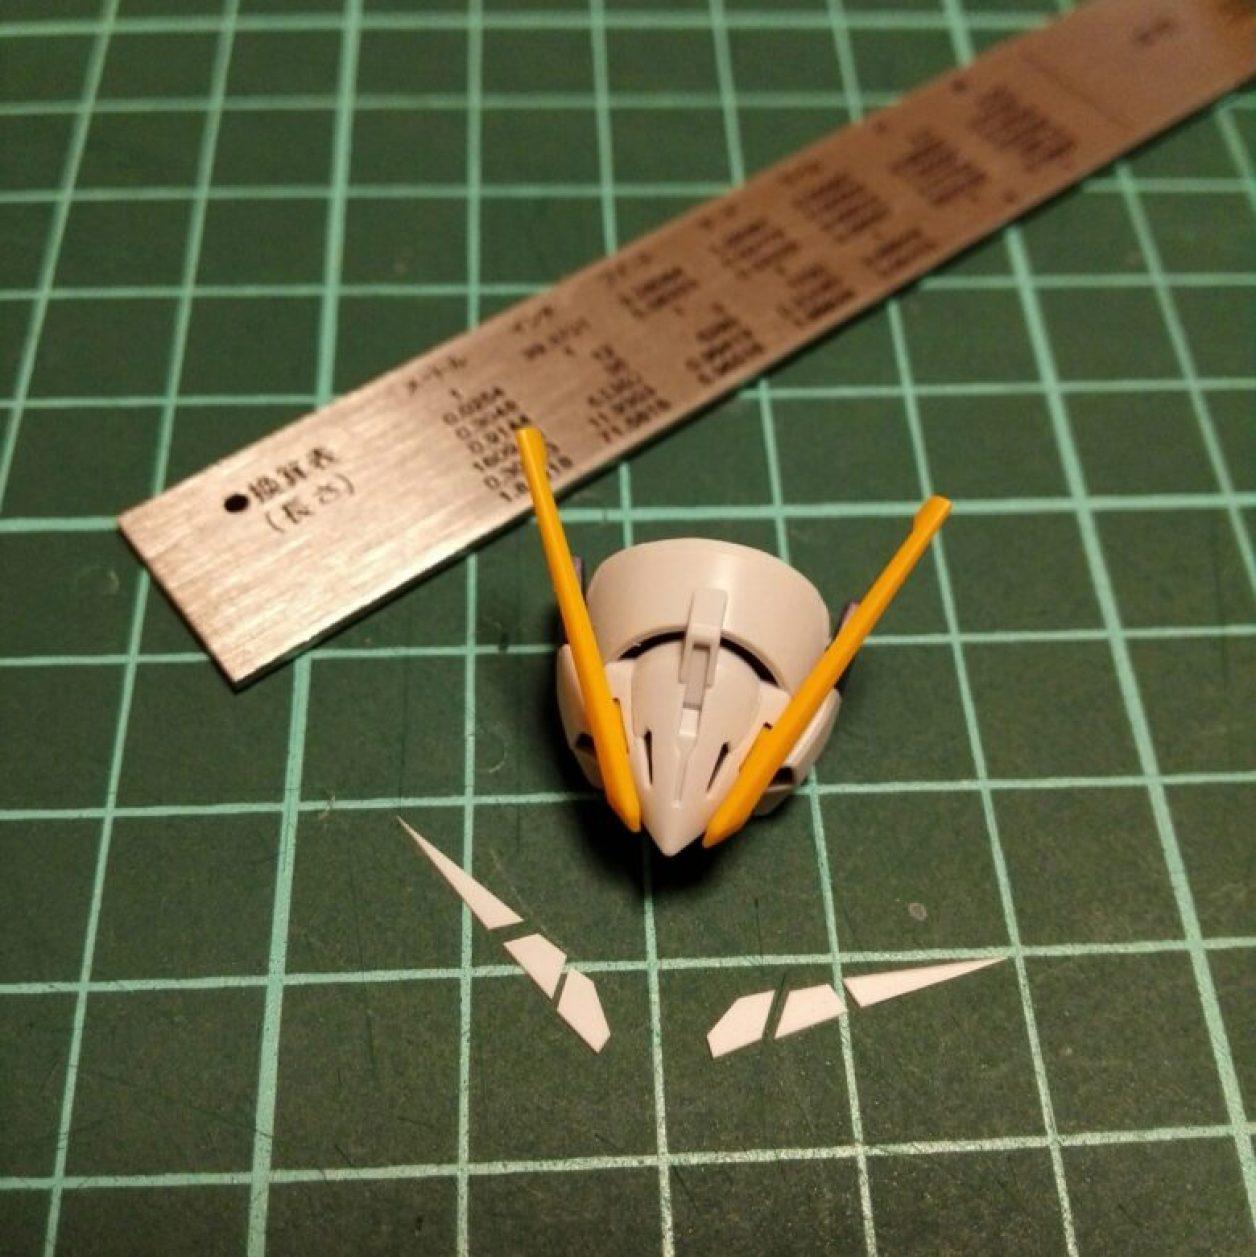 プレミアムバンダイ限定販売のhguc ガンダムtr-6[ウーンドウォート]の自作アンテナを造るためにプラバンを切り出してズレないようにマスキングテープで固定してアンテナ状に切り出し、切れ込みを入れた画像